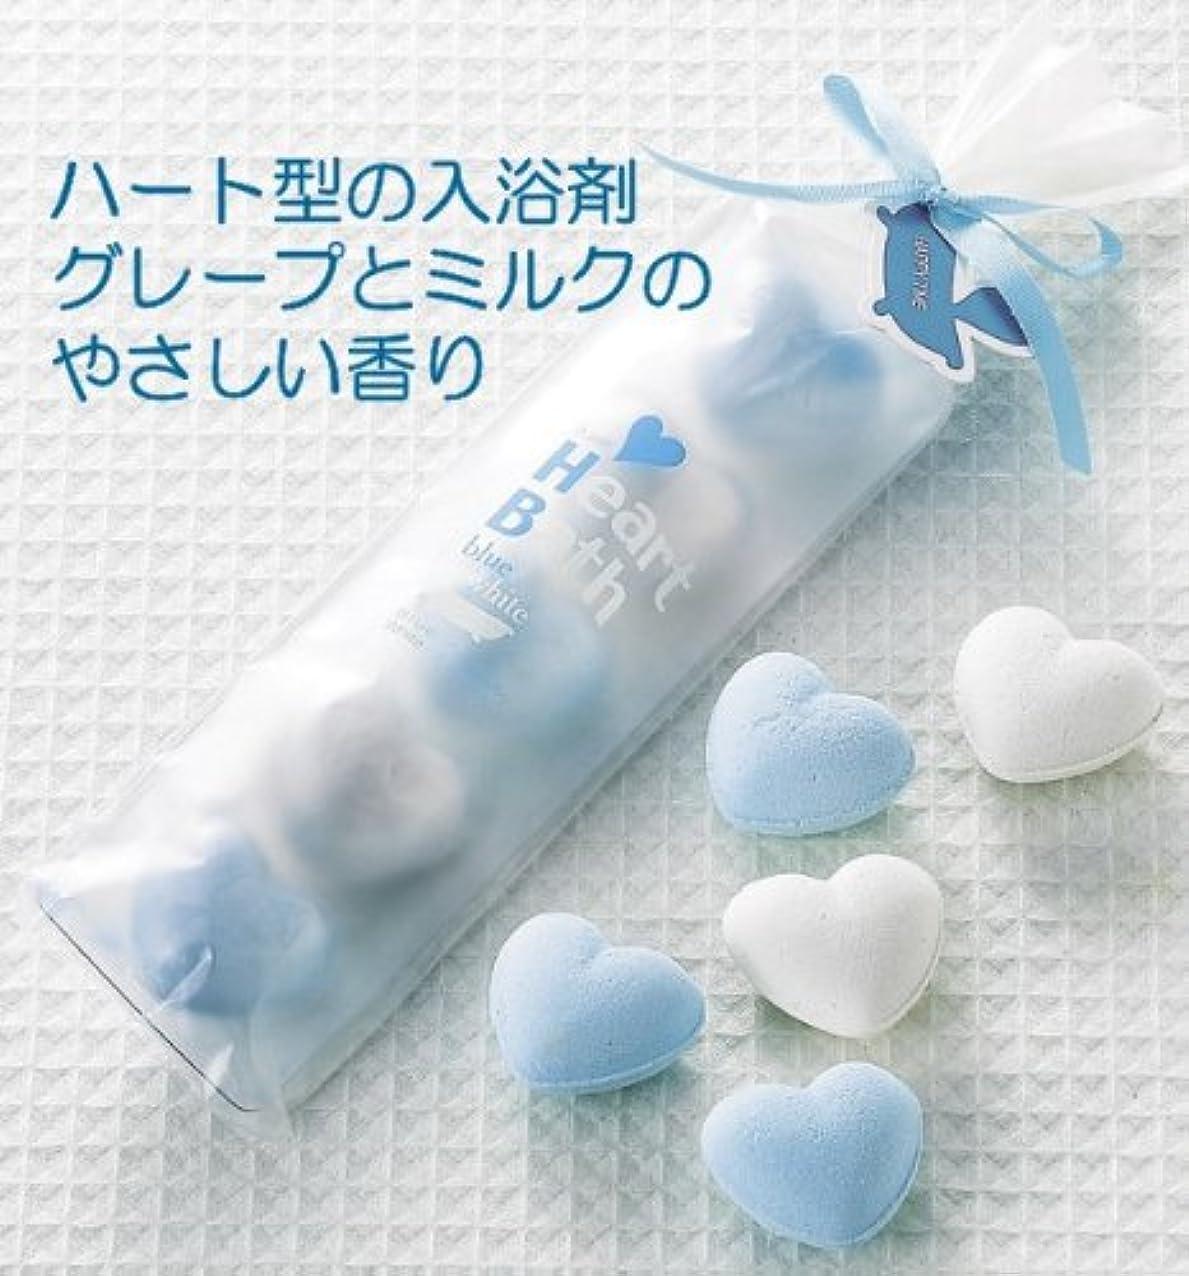 油人工的なシェルターハート型の入浴剤 グレープ&ミルク